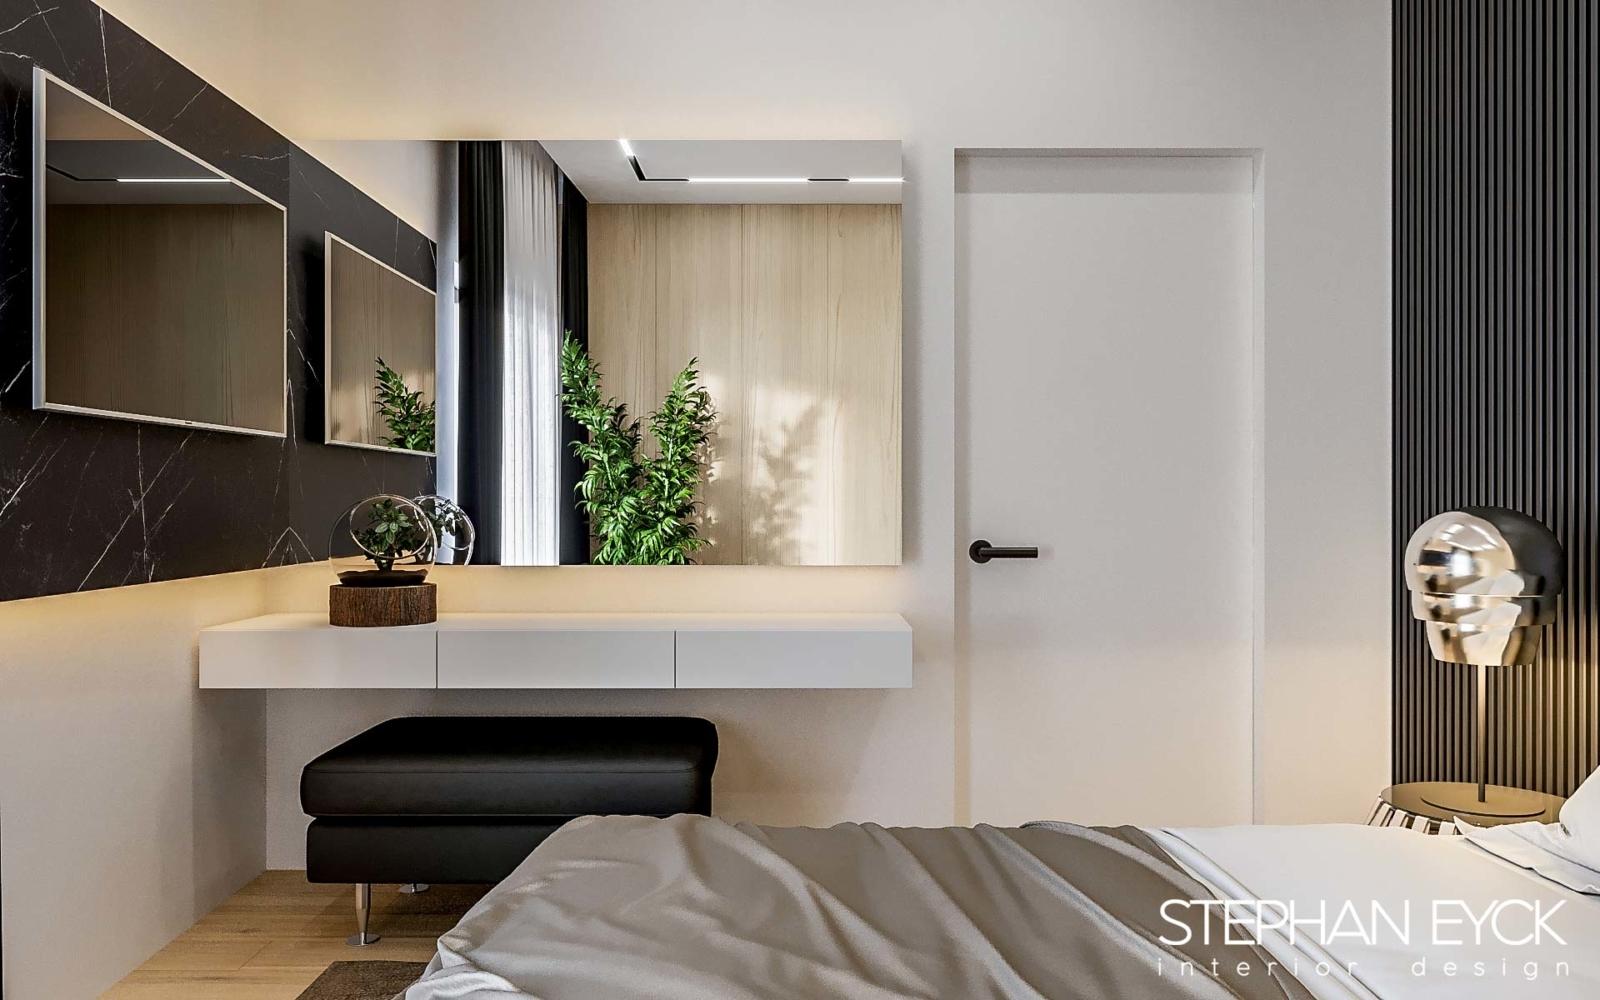 interior dormitor penthouse03 Penthouse 03